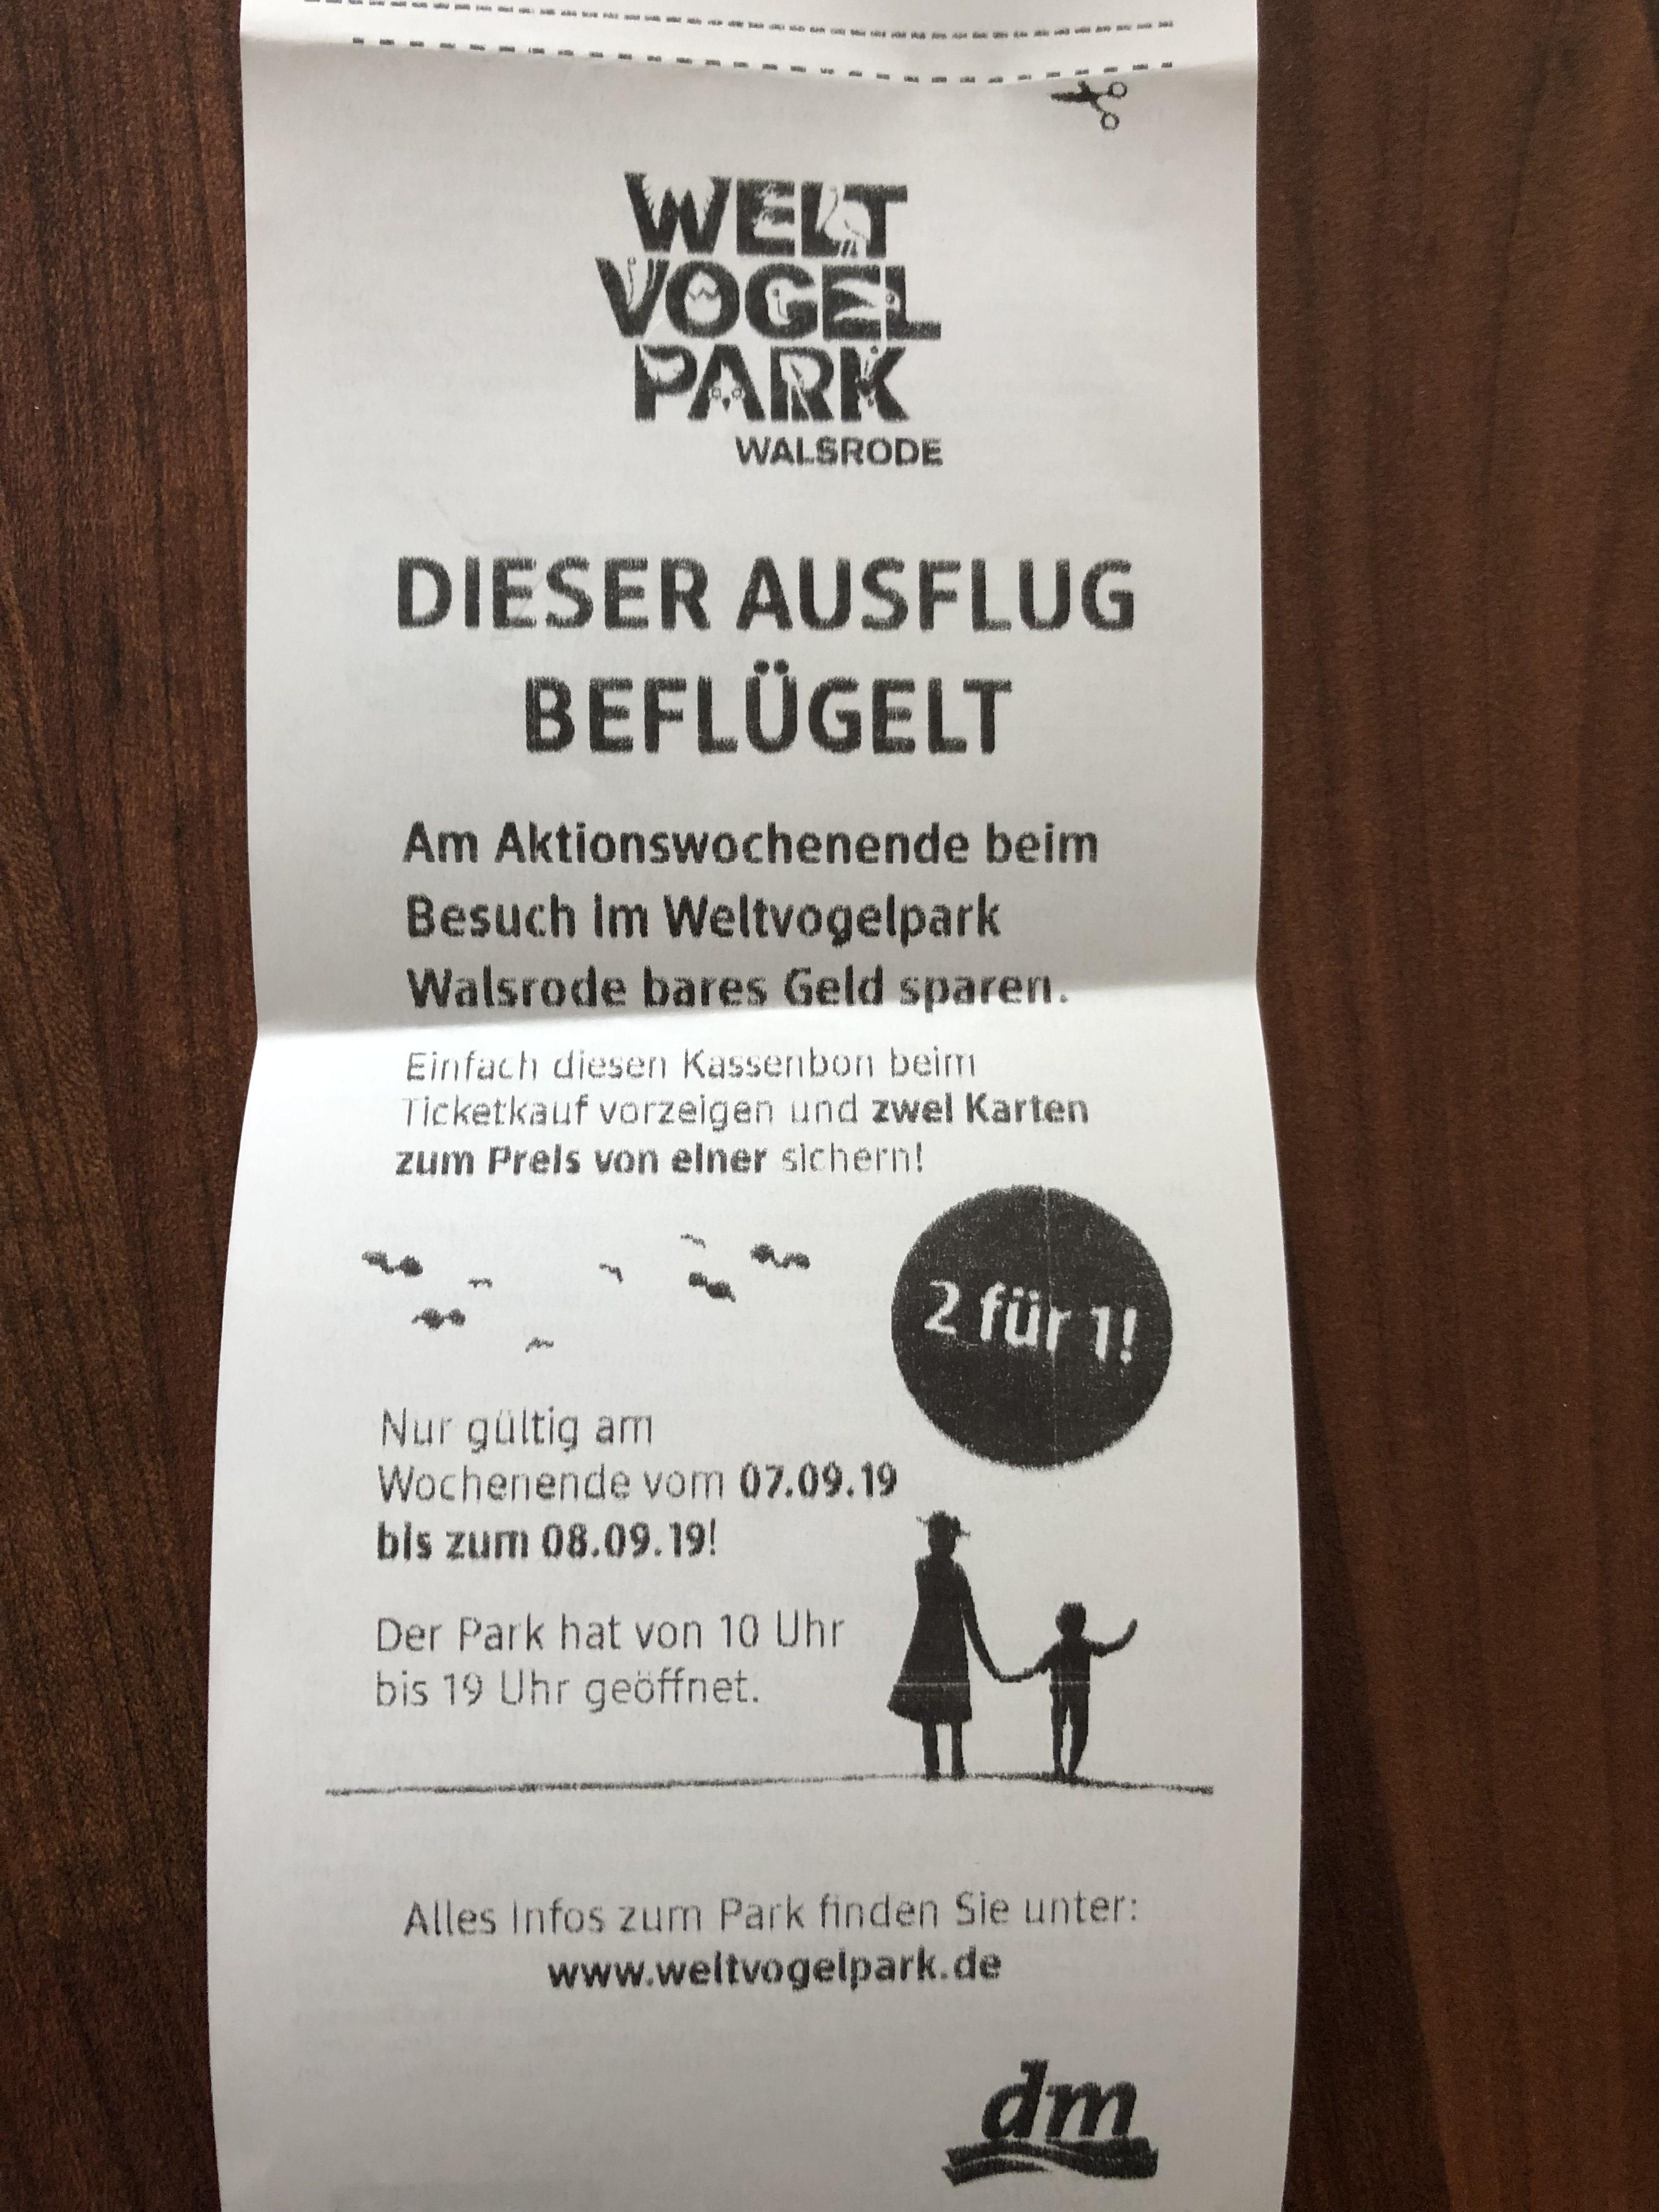 Lokal Vechelde: Vogelpark Walsrode 2 für 1 Gutschein